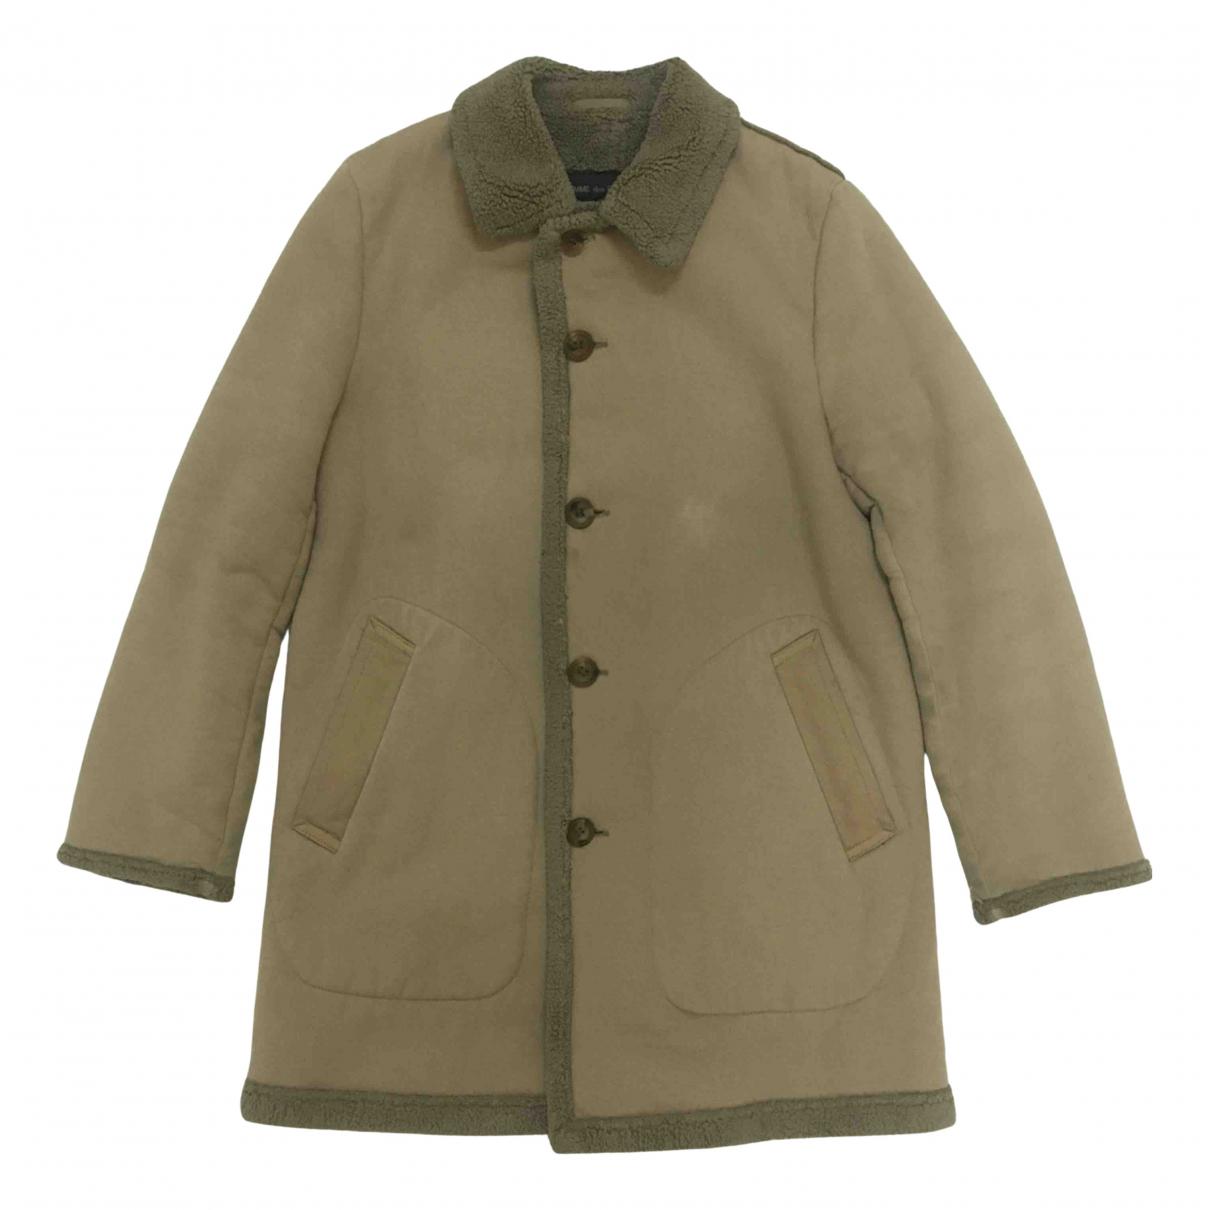 Comme Des Garcons - Manteau   pour homme - marron